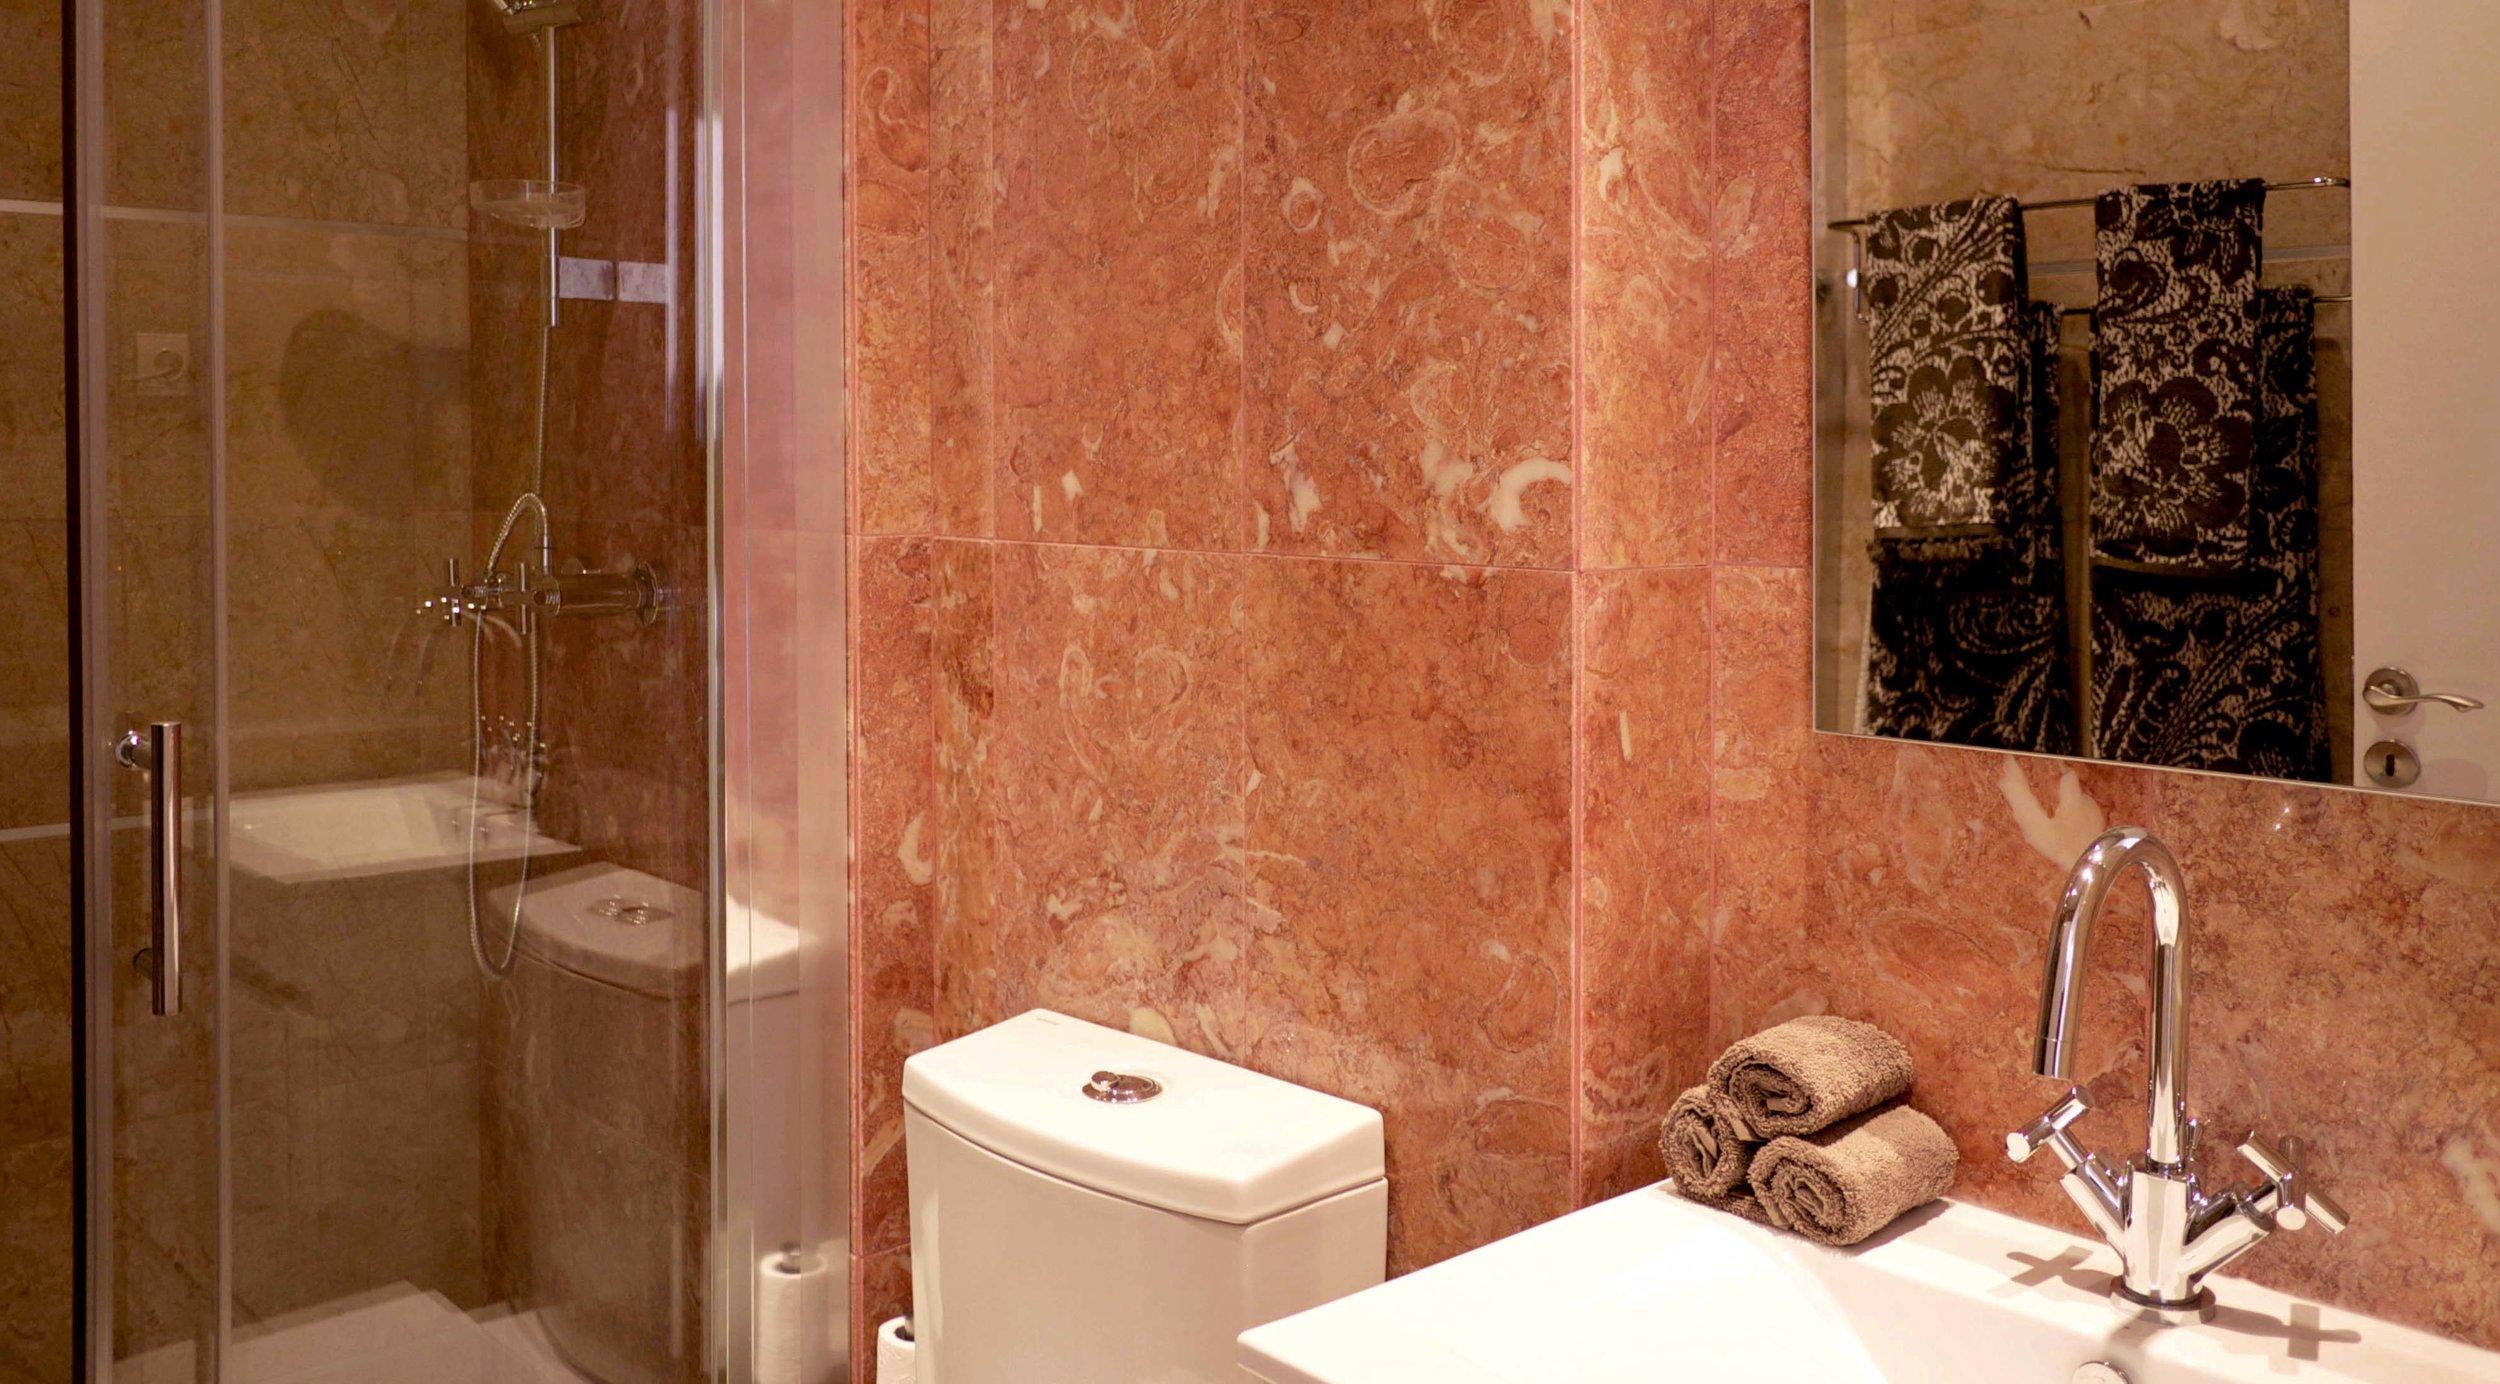 morena casa de banho.jpg